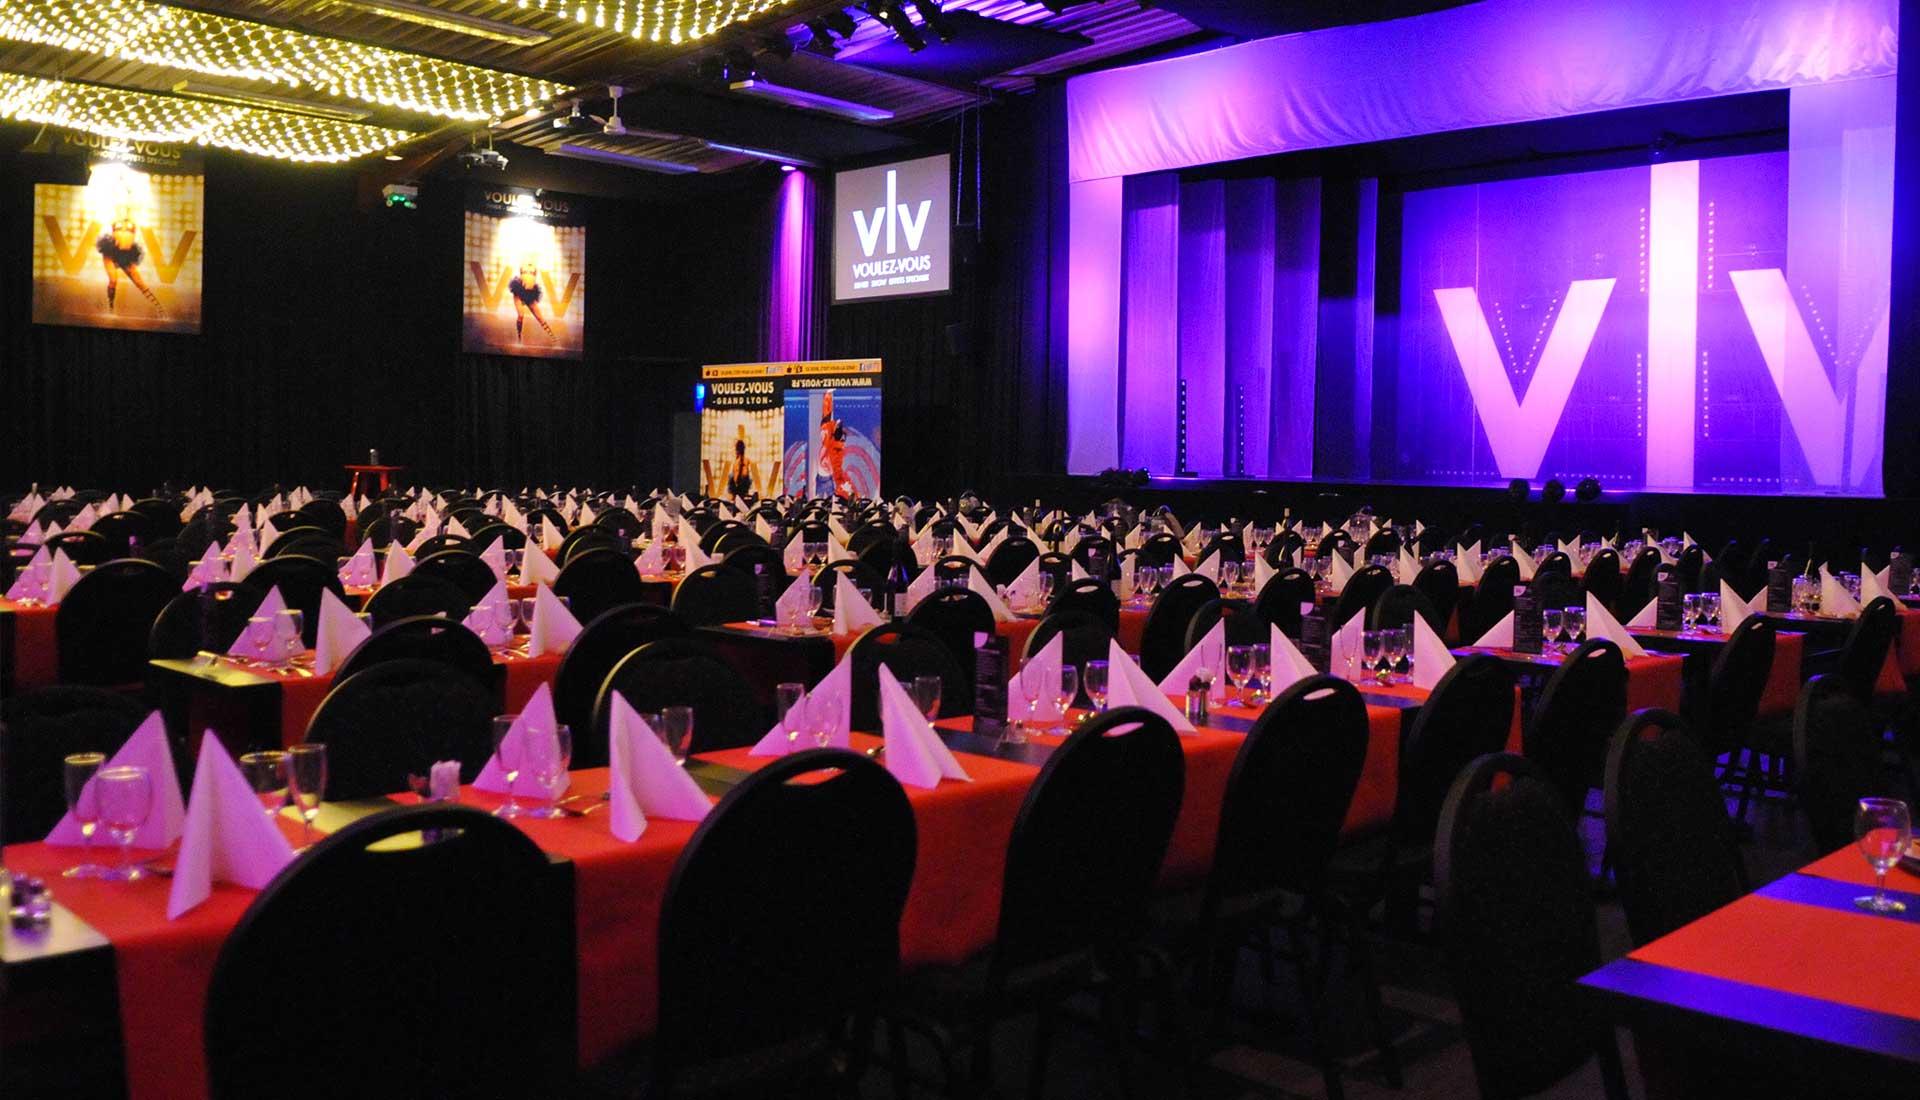 Salle de réception, diner-spectacle, Voulez-Vous Grand Lyon